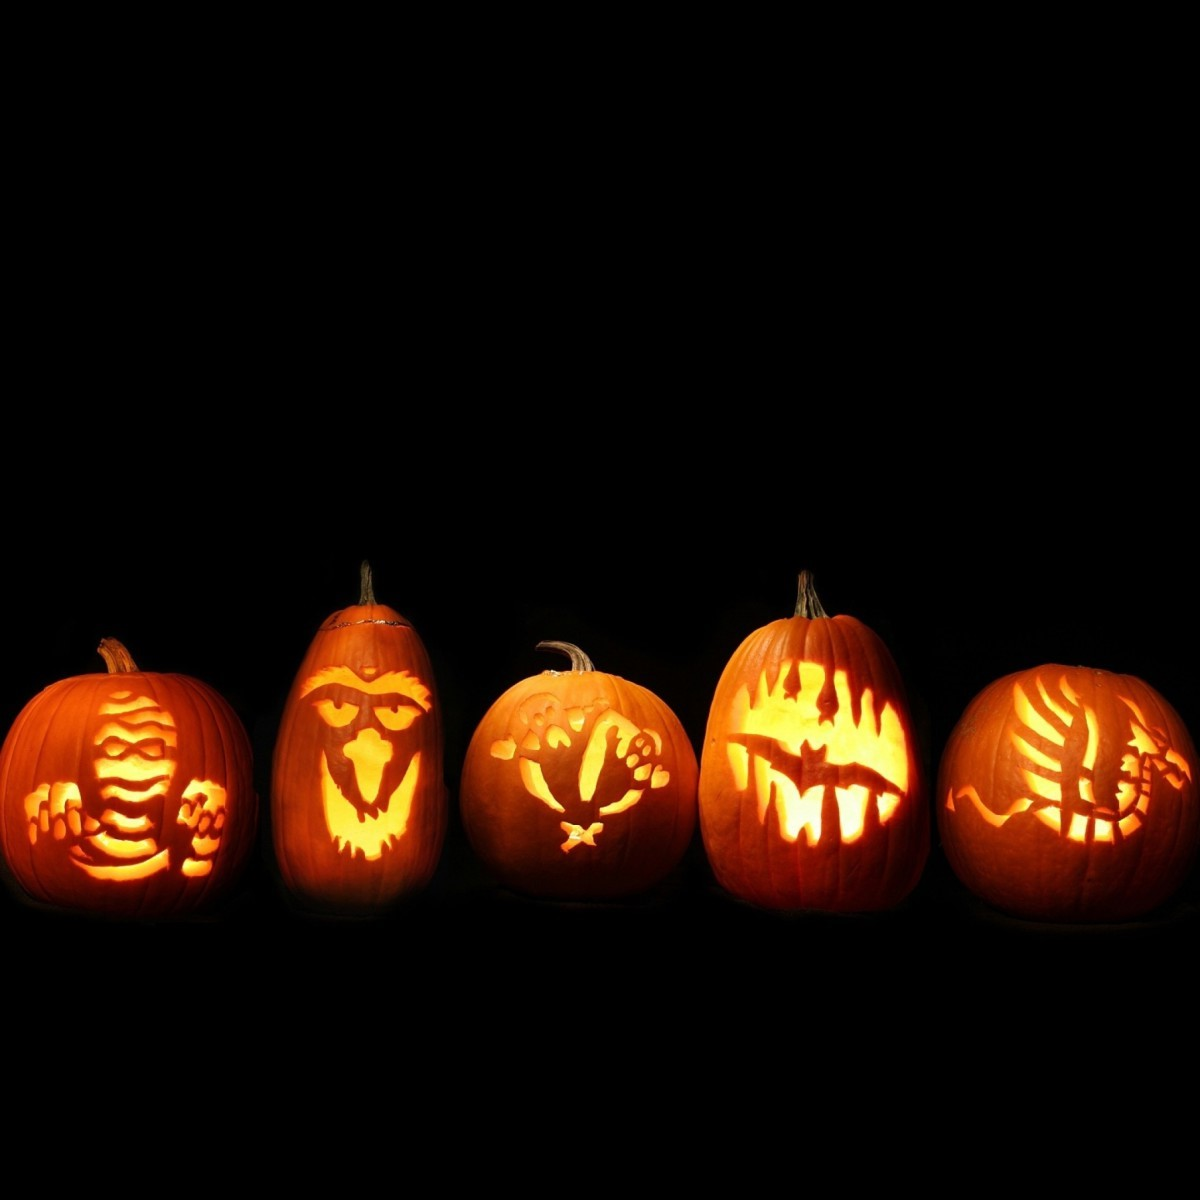 Ainsi, une nouvelle tradition américaine était née et elle a continué à se développer. Aujourd'hui, les Américains dépensent environ 6 milliards de dollars par an pour l'Halloween, ce qui en fait le deuxième jour férié du pays après Noël.